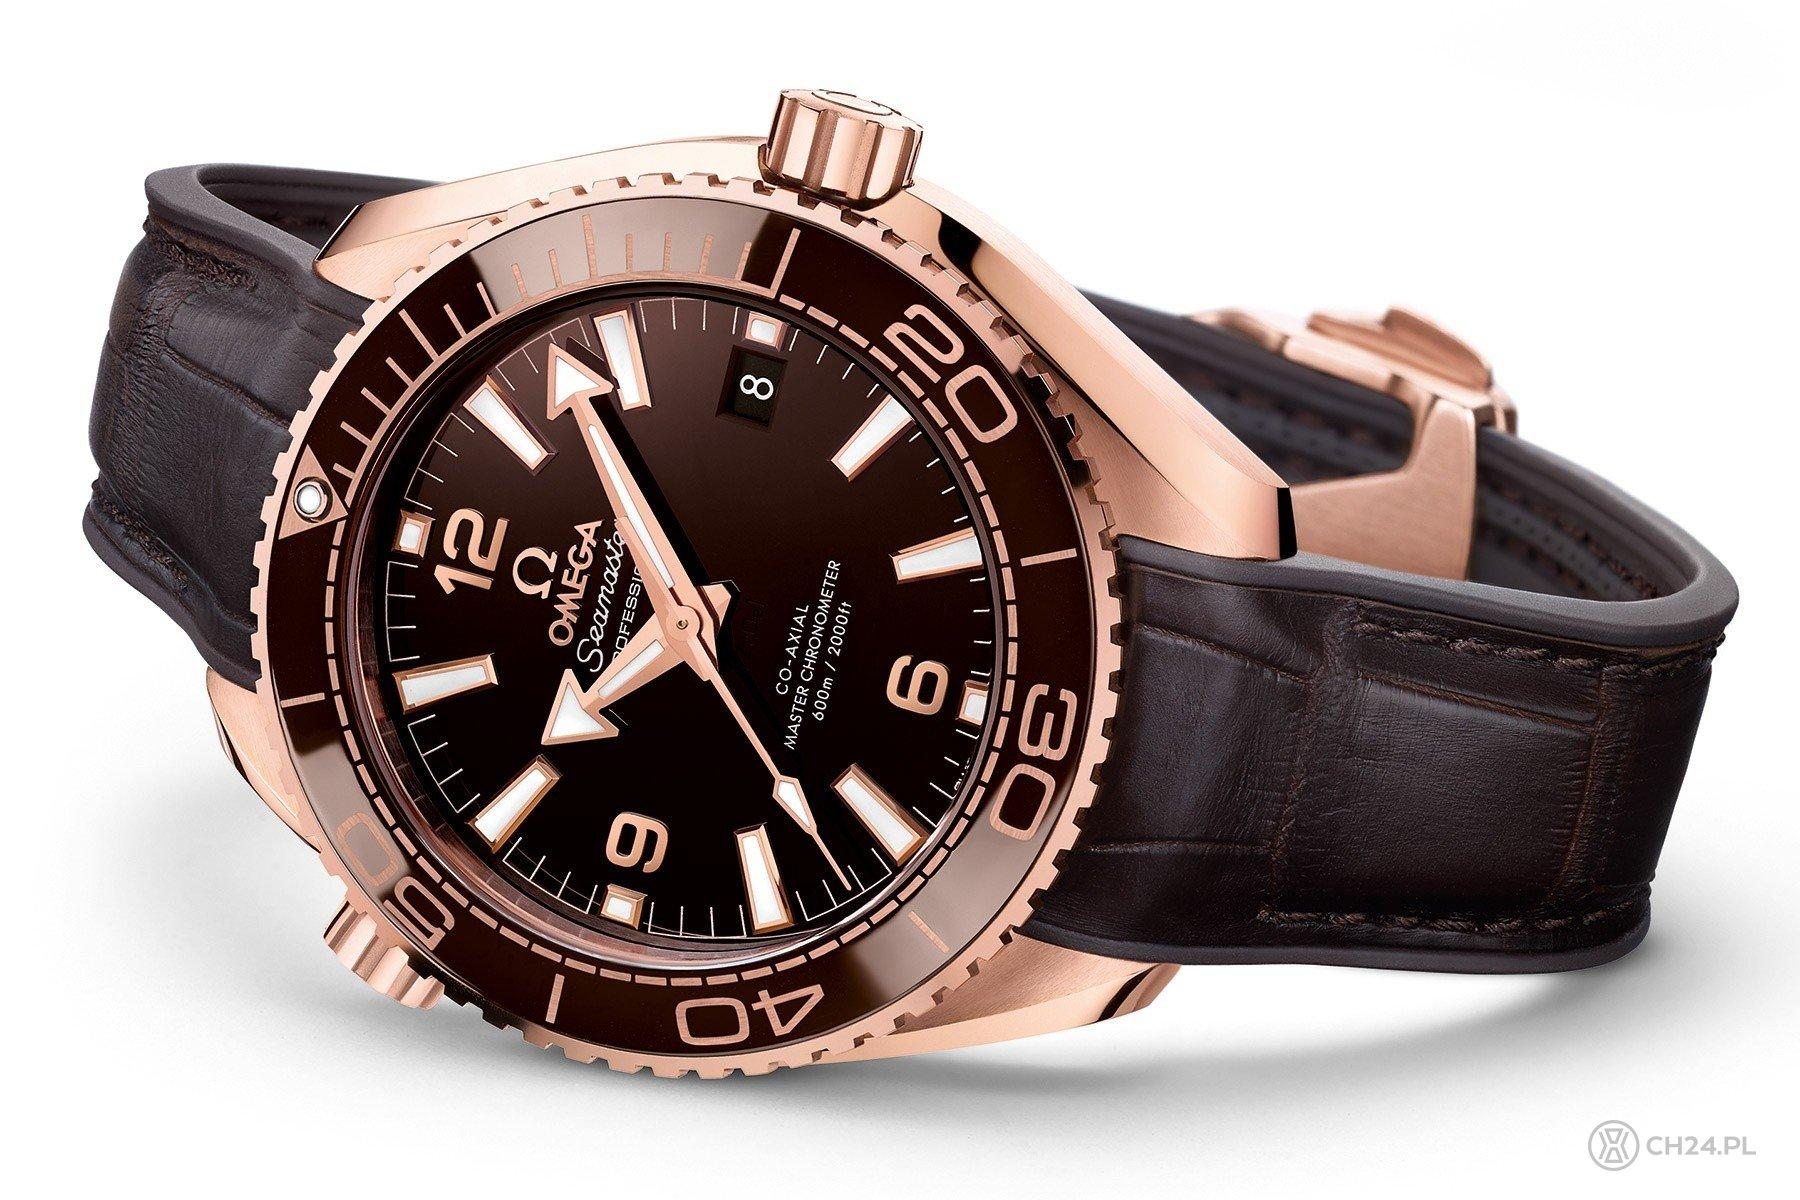 Omega Planet Ocean 600M Master Chronometer